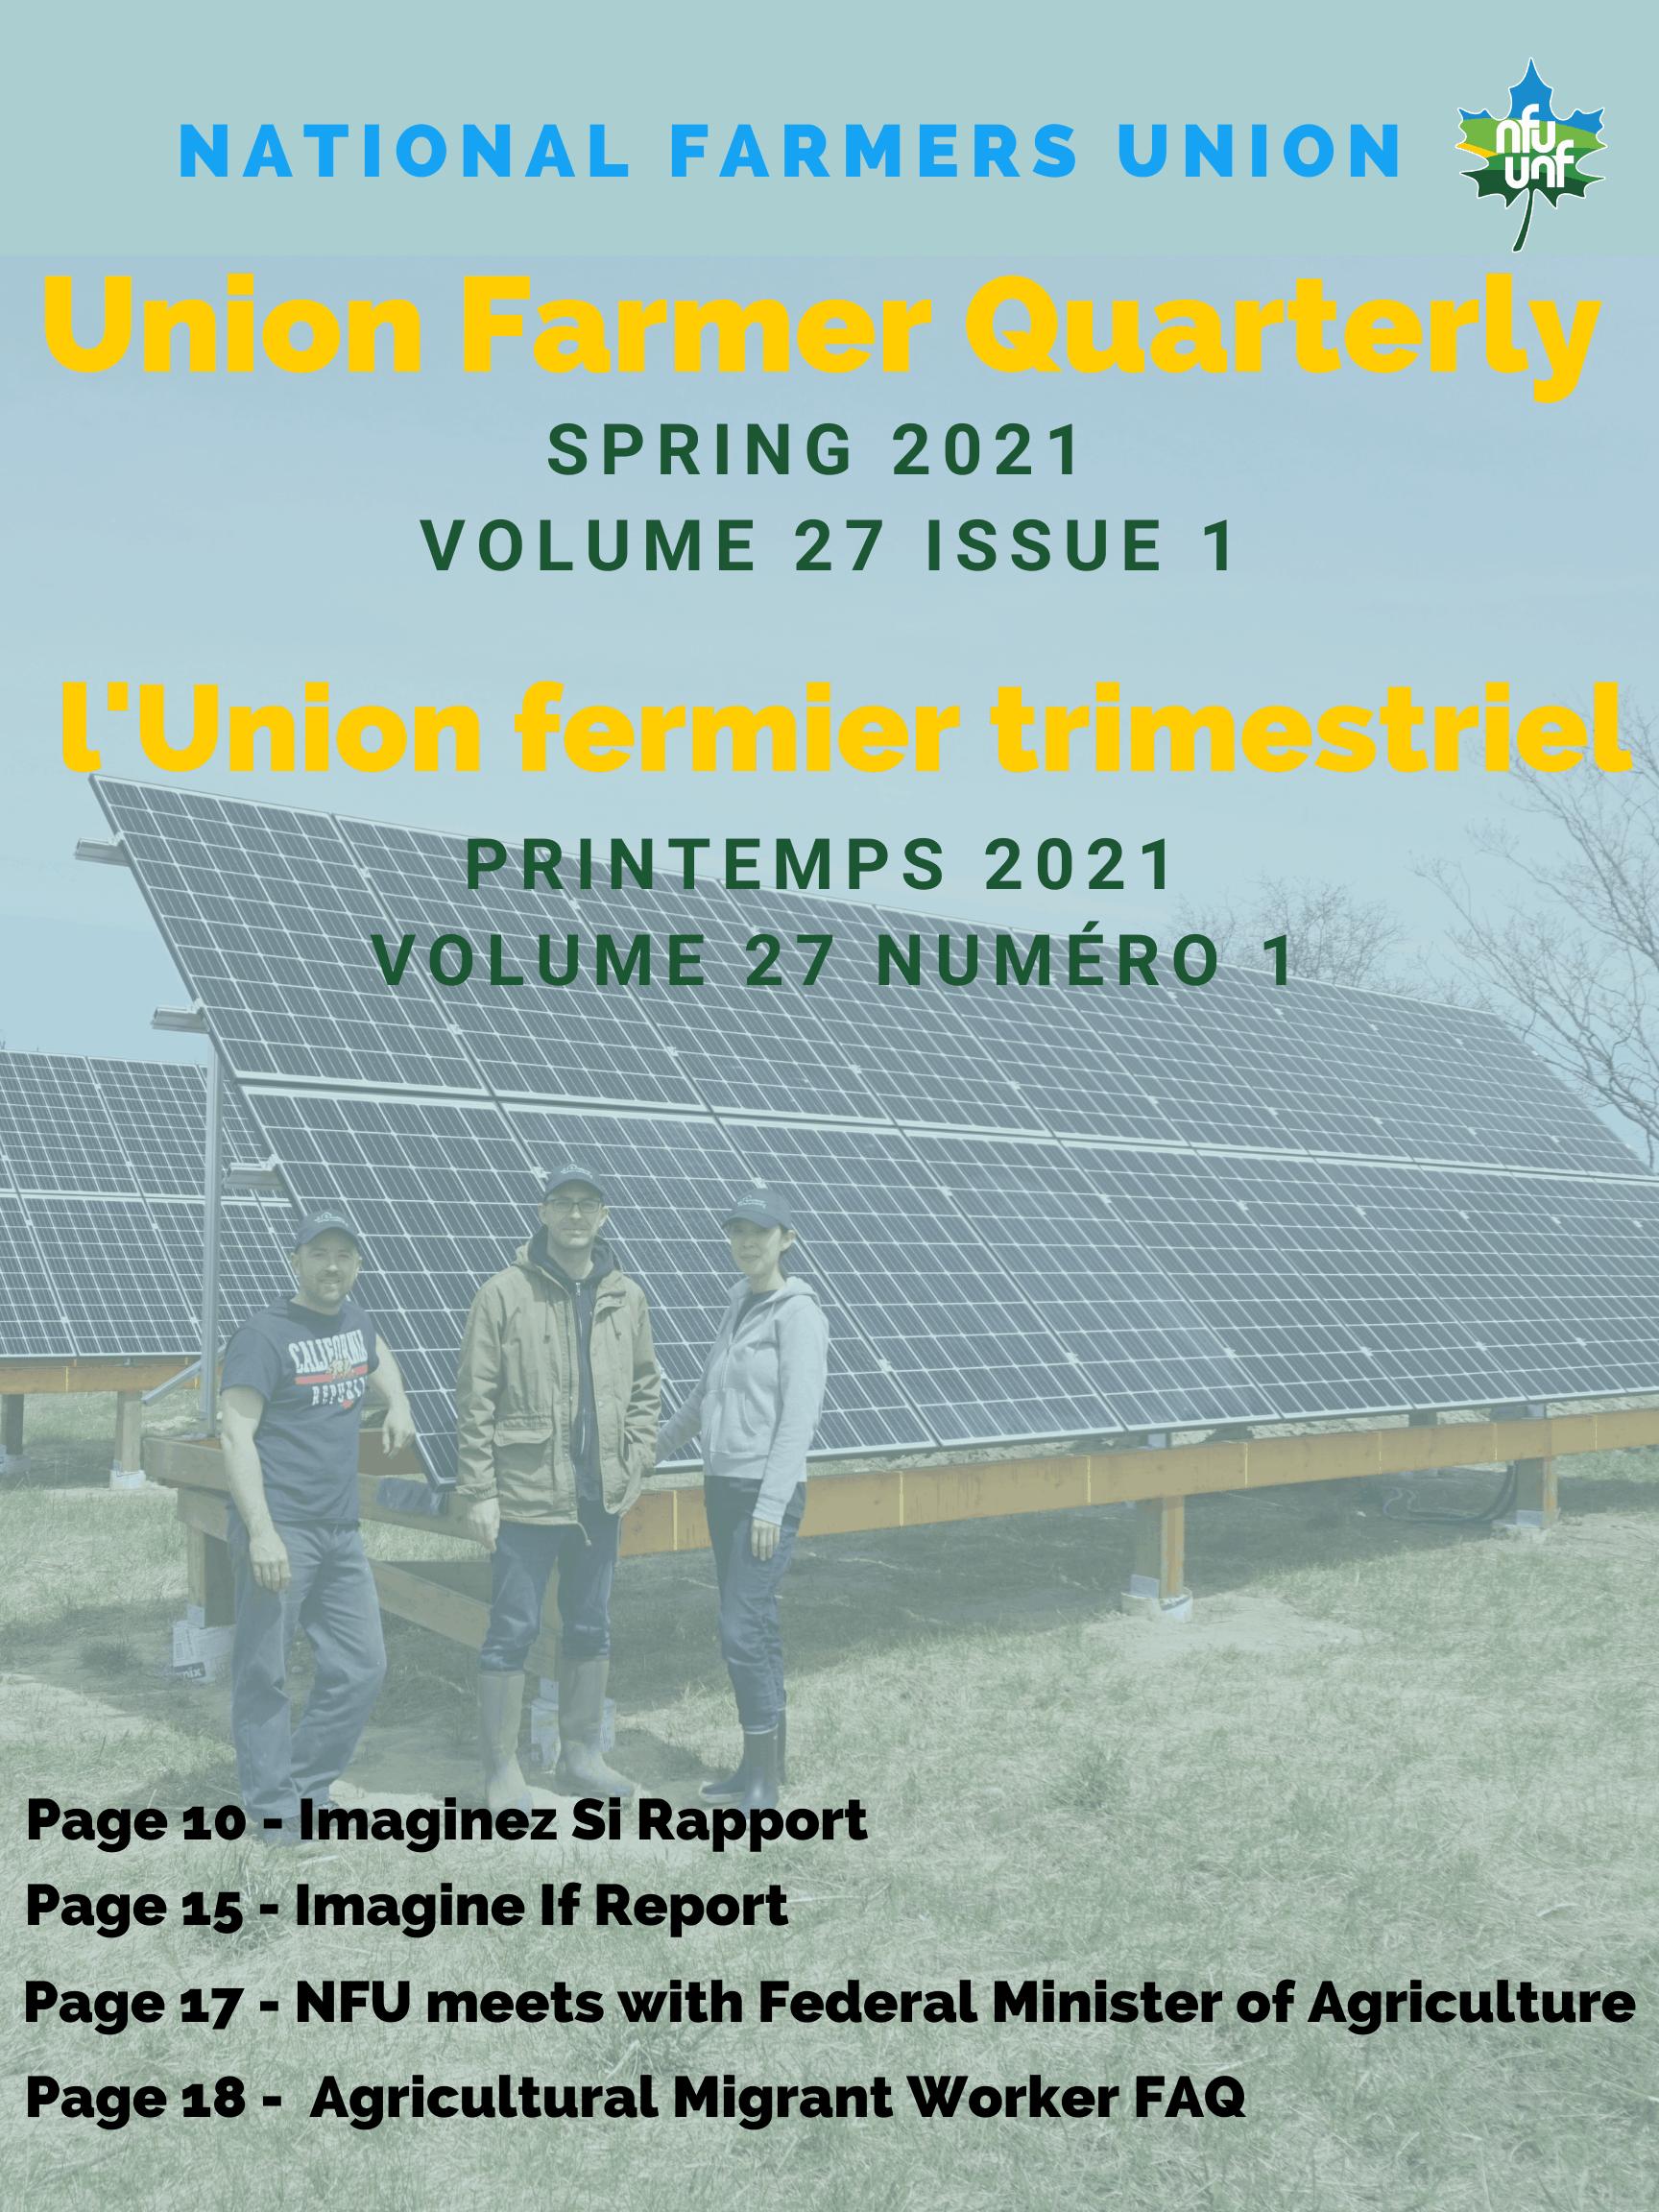 Union Farmer Quarterly: Spring 2021